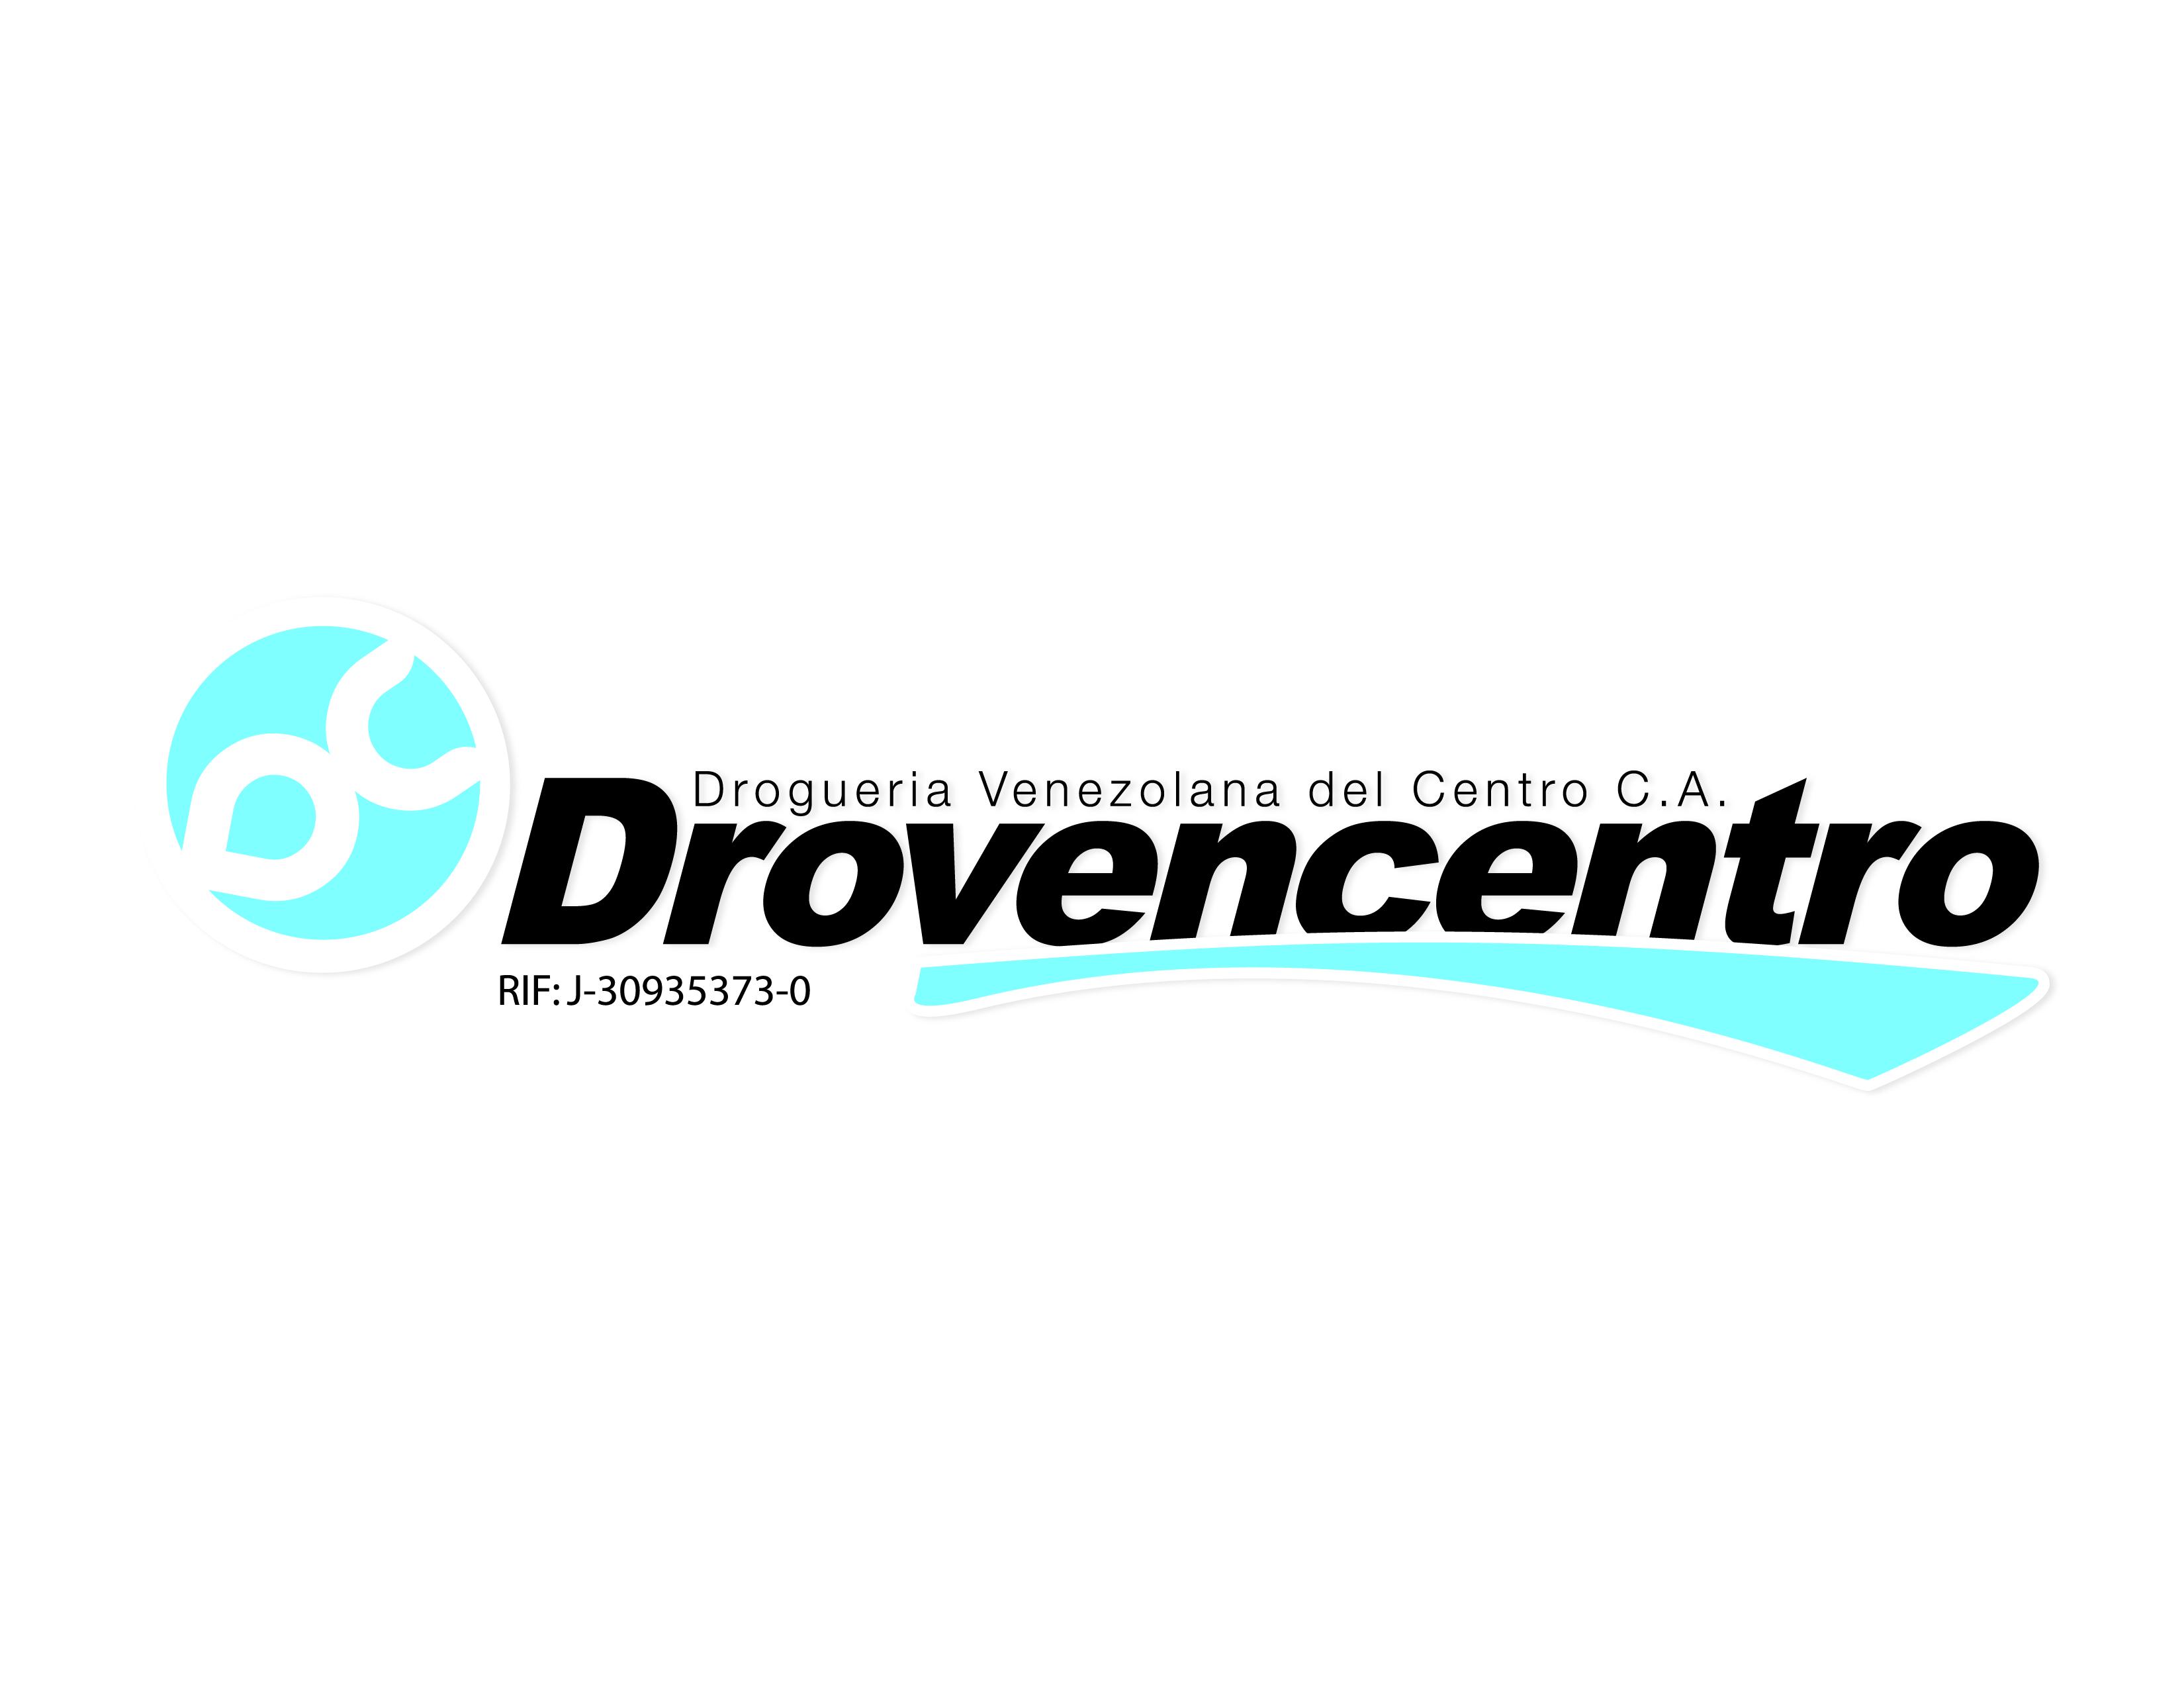 logo_drovencentro